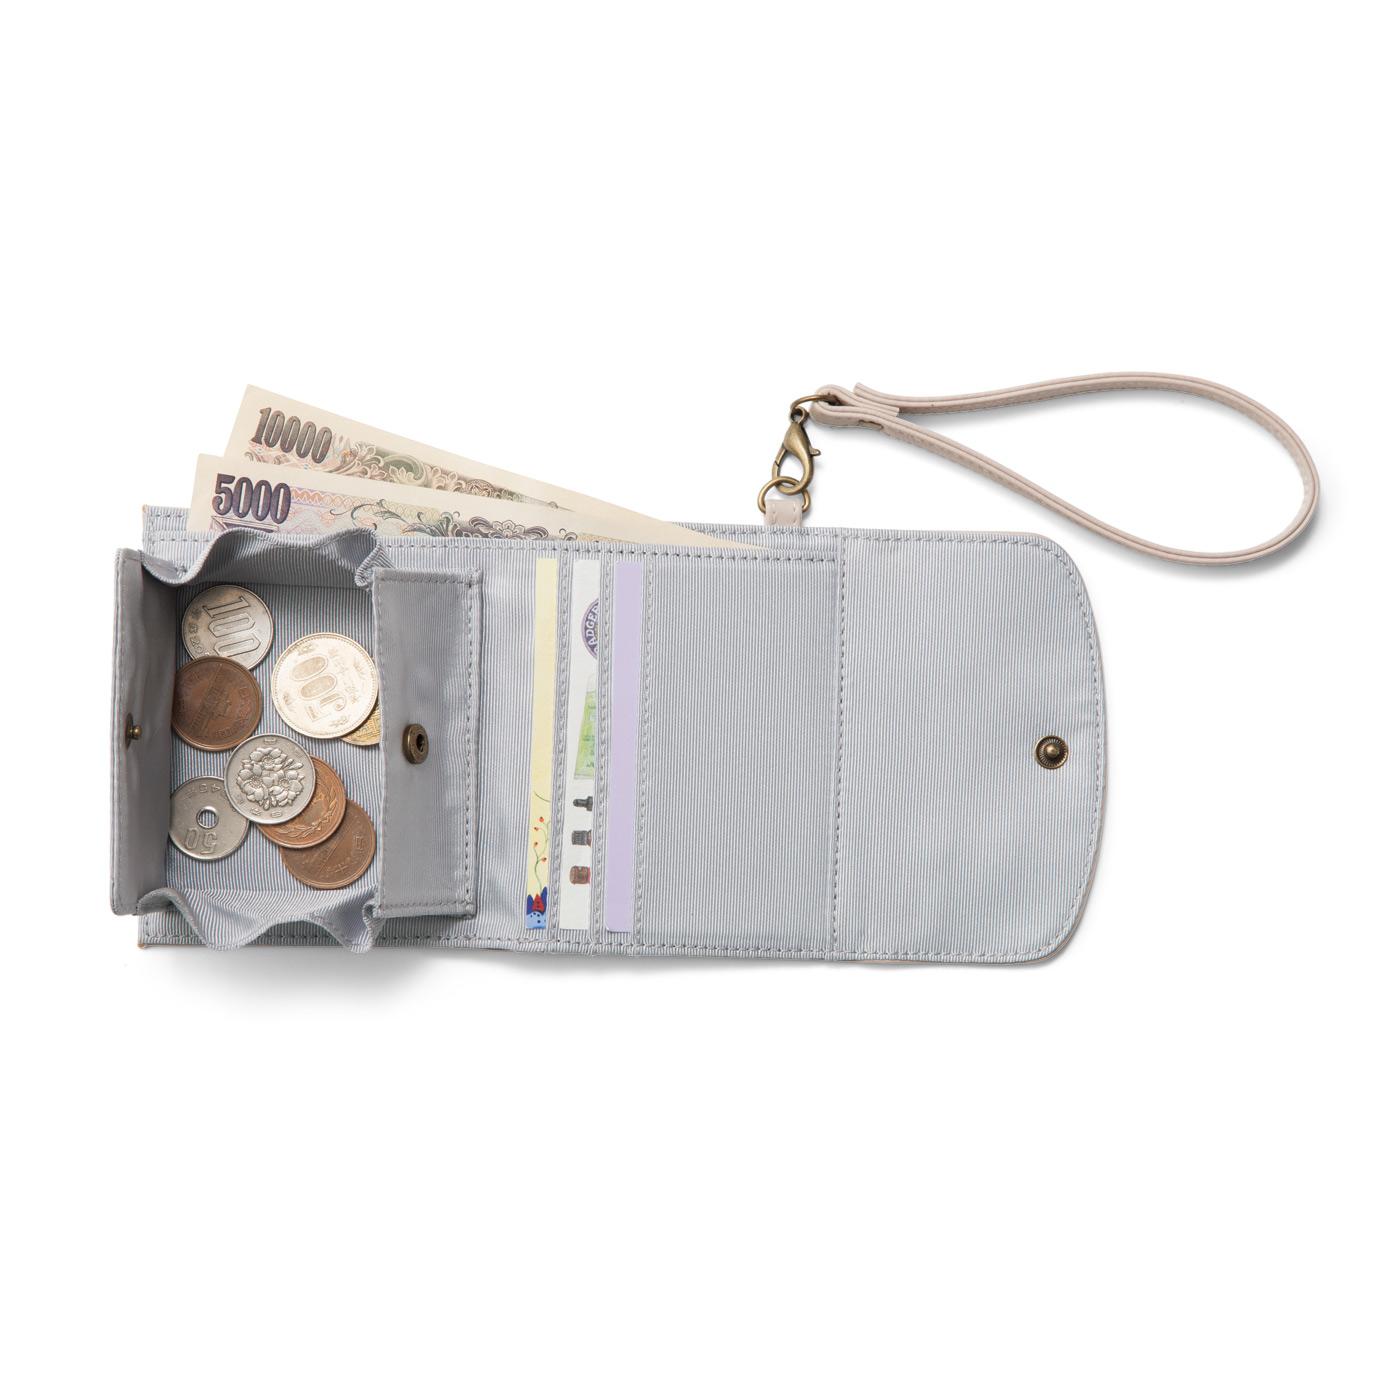 小銭がひと目で見渡せて、取り出しやすいボックスタイプ。